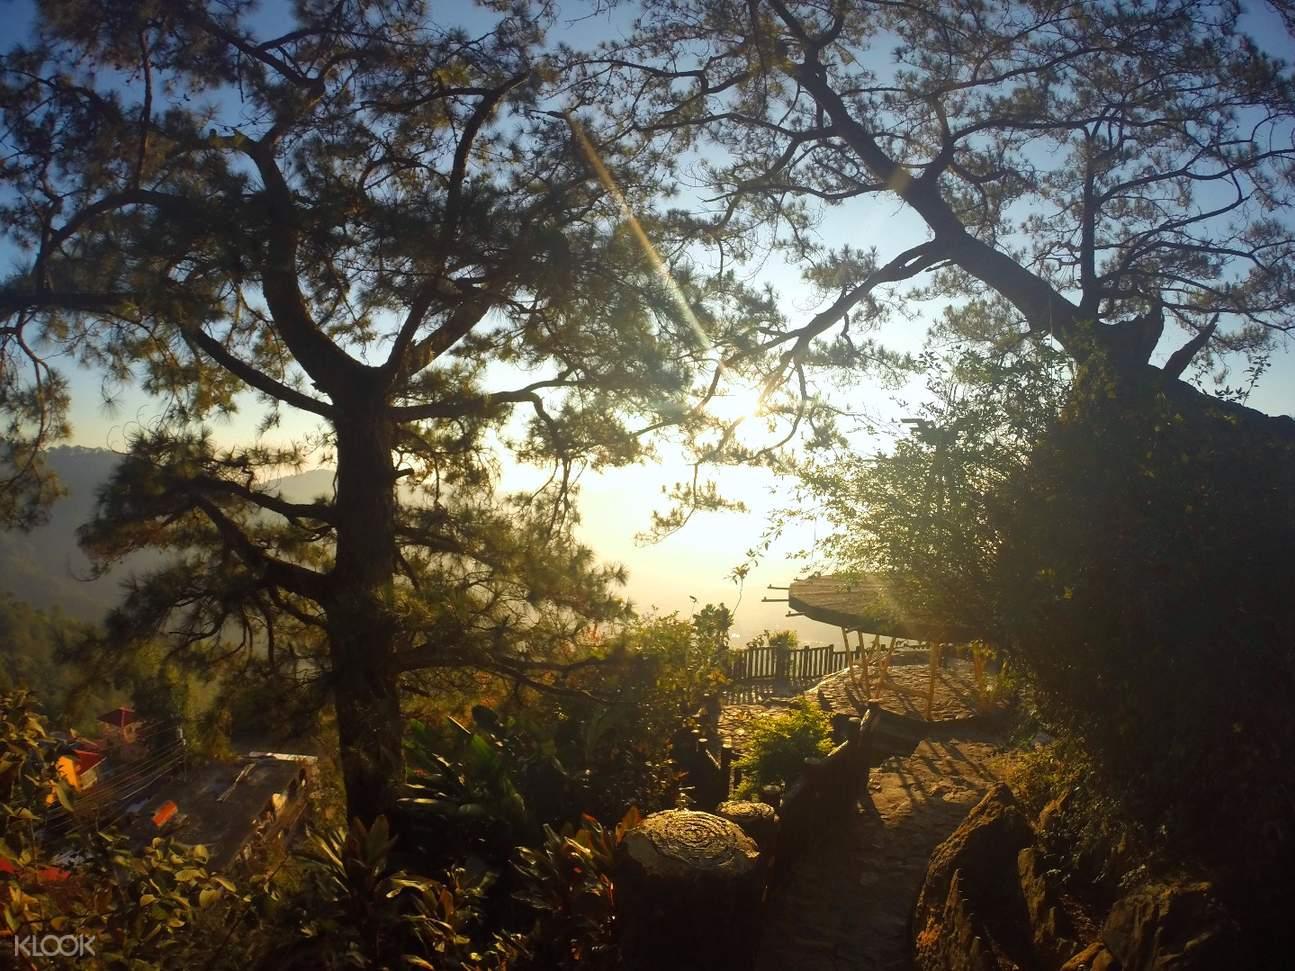 馬尼拉碧瑤( Baguio)一日遊